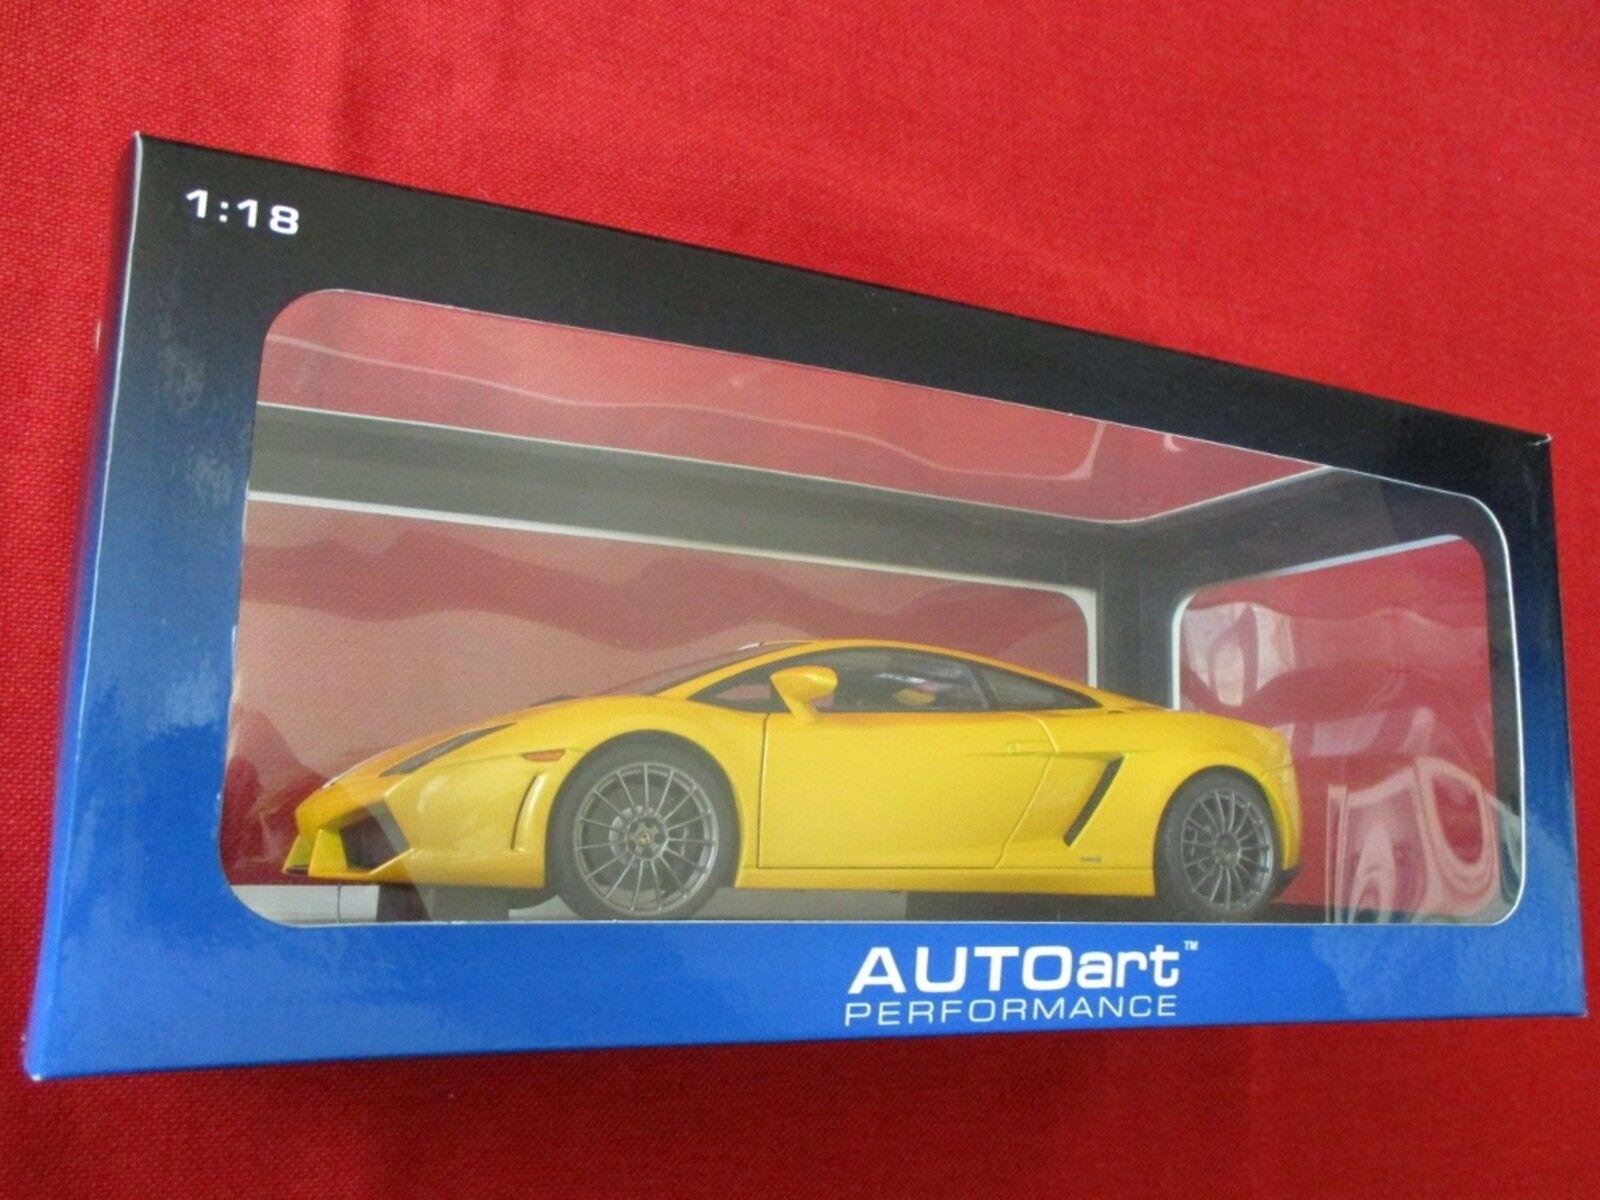 caliente Autoart Autoart Autoart ™ performance 74632 1 18 lamorghini gallardo lp550-2 balboni amarillo  ofreciendo 100%